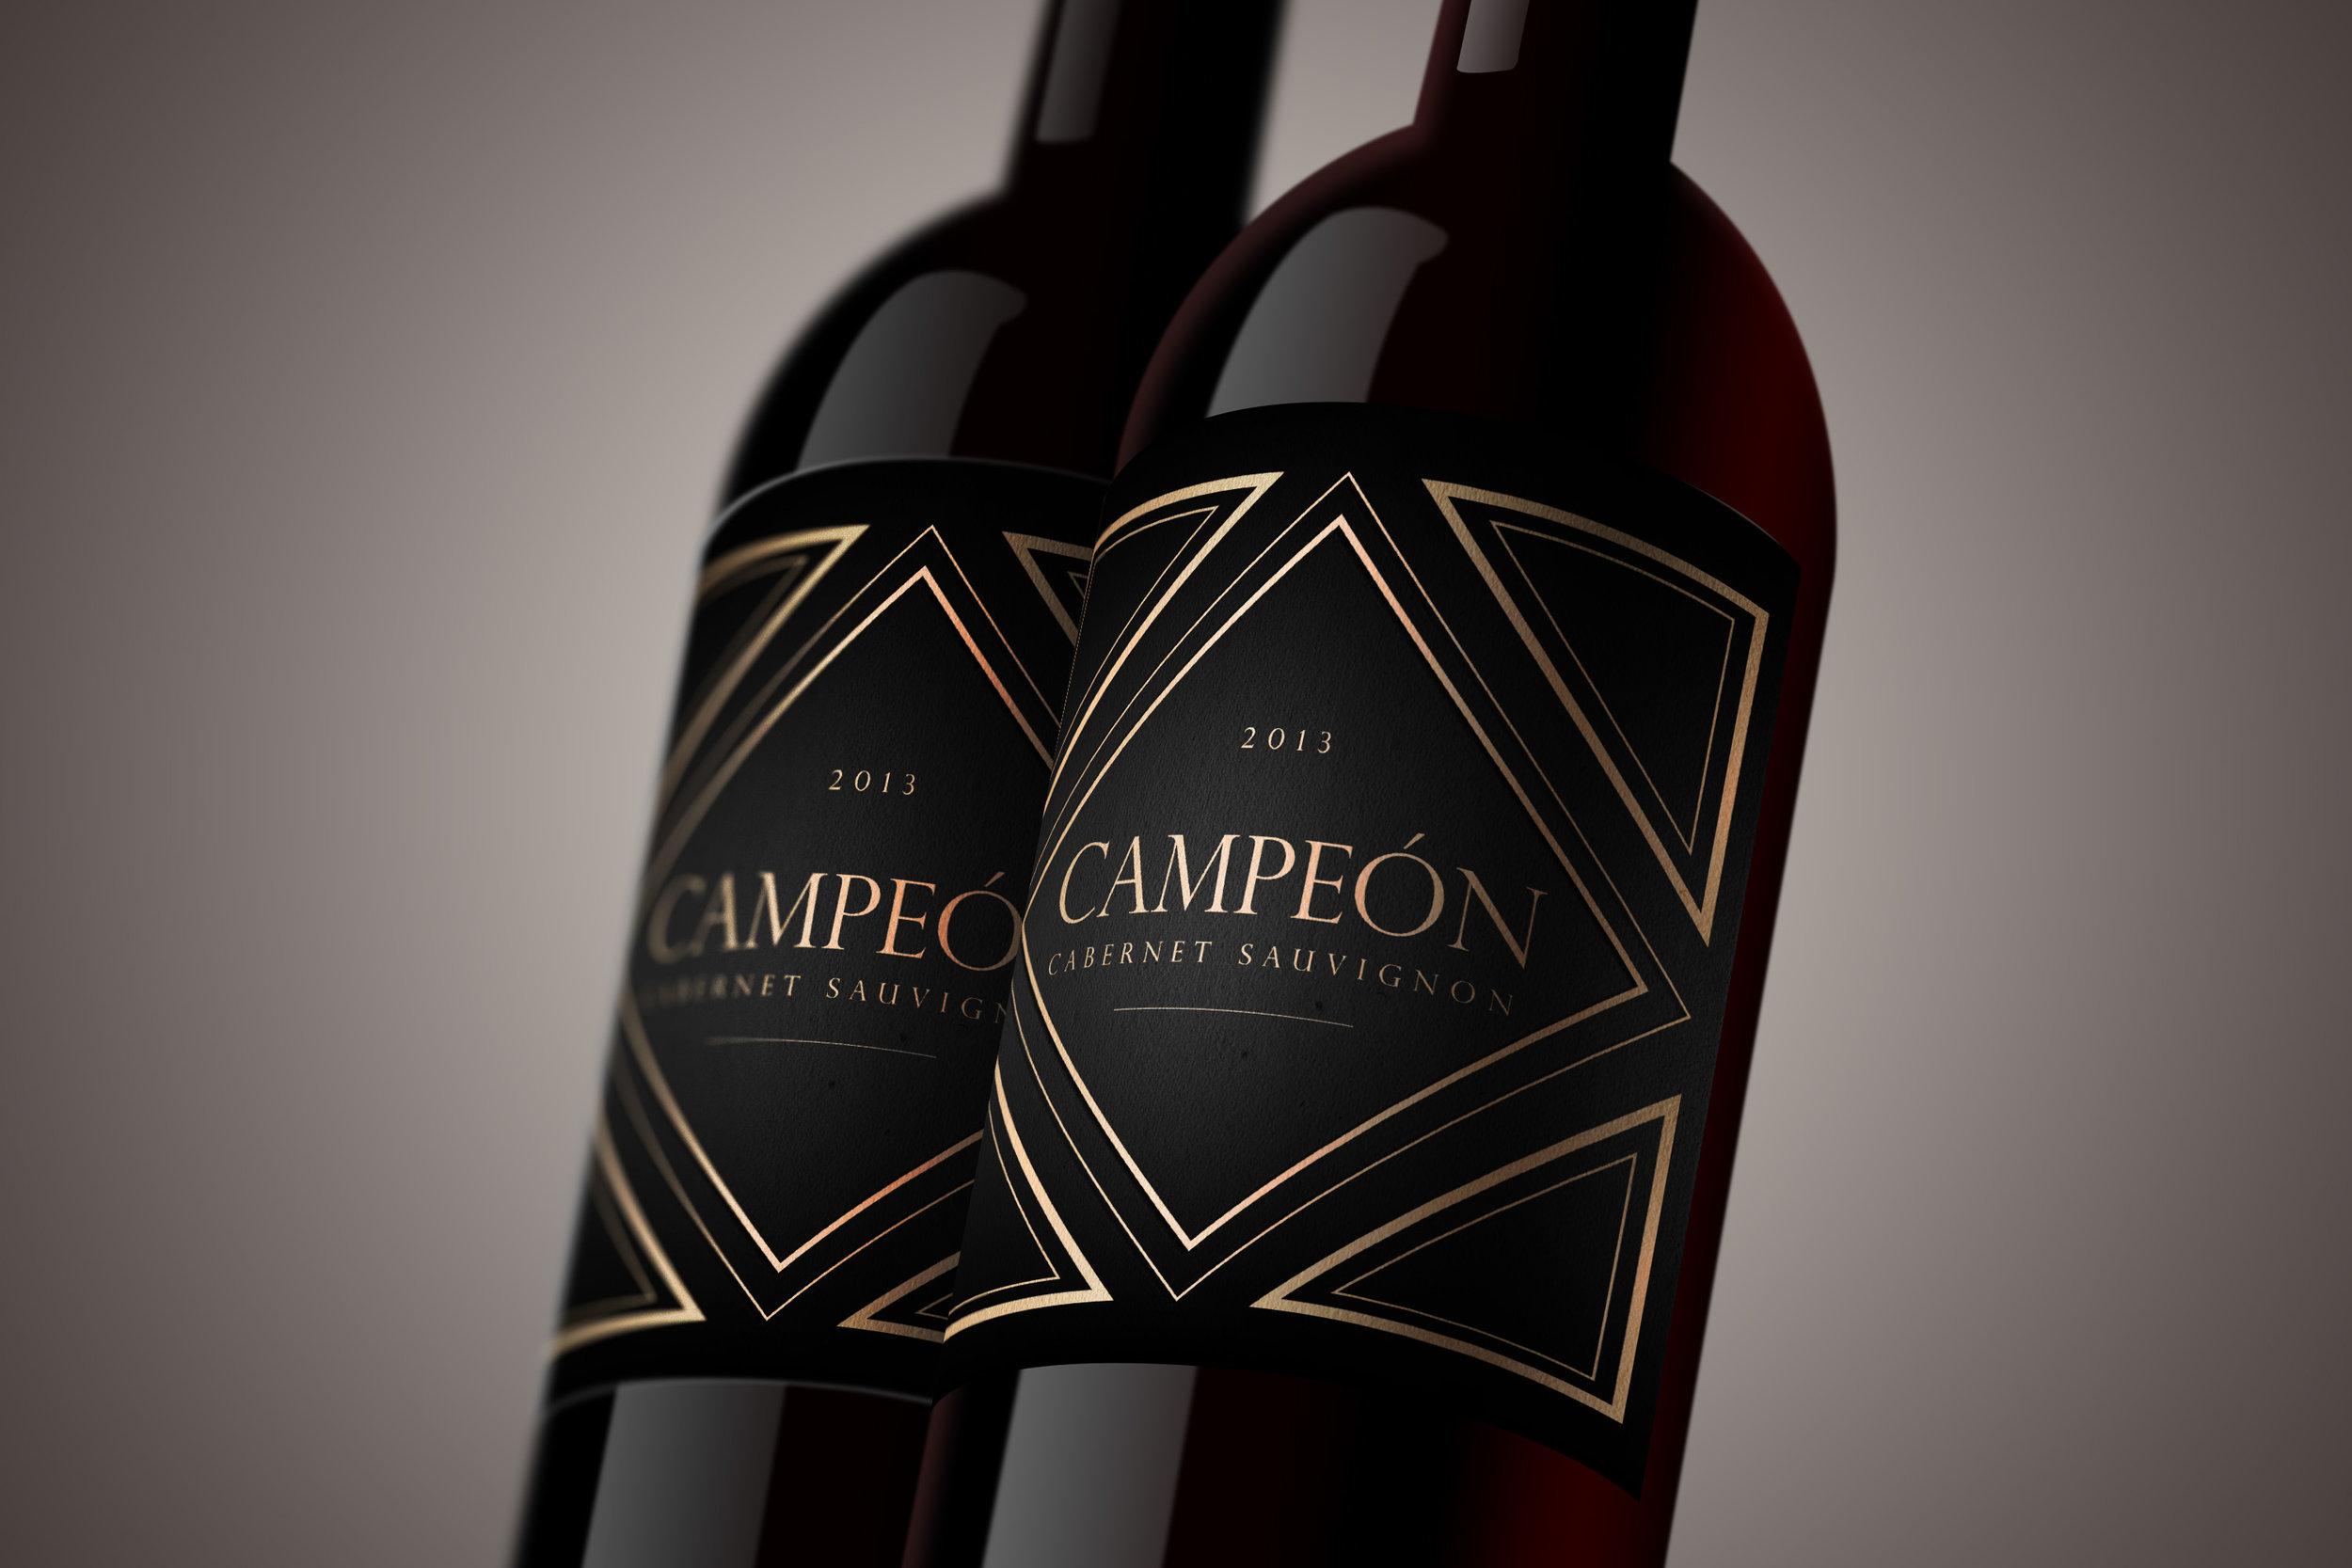 CPDwine-bottle-label-mockup.jpg